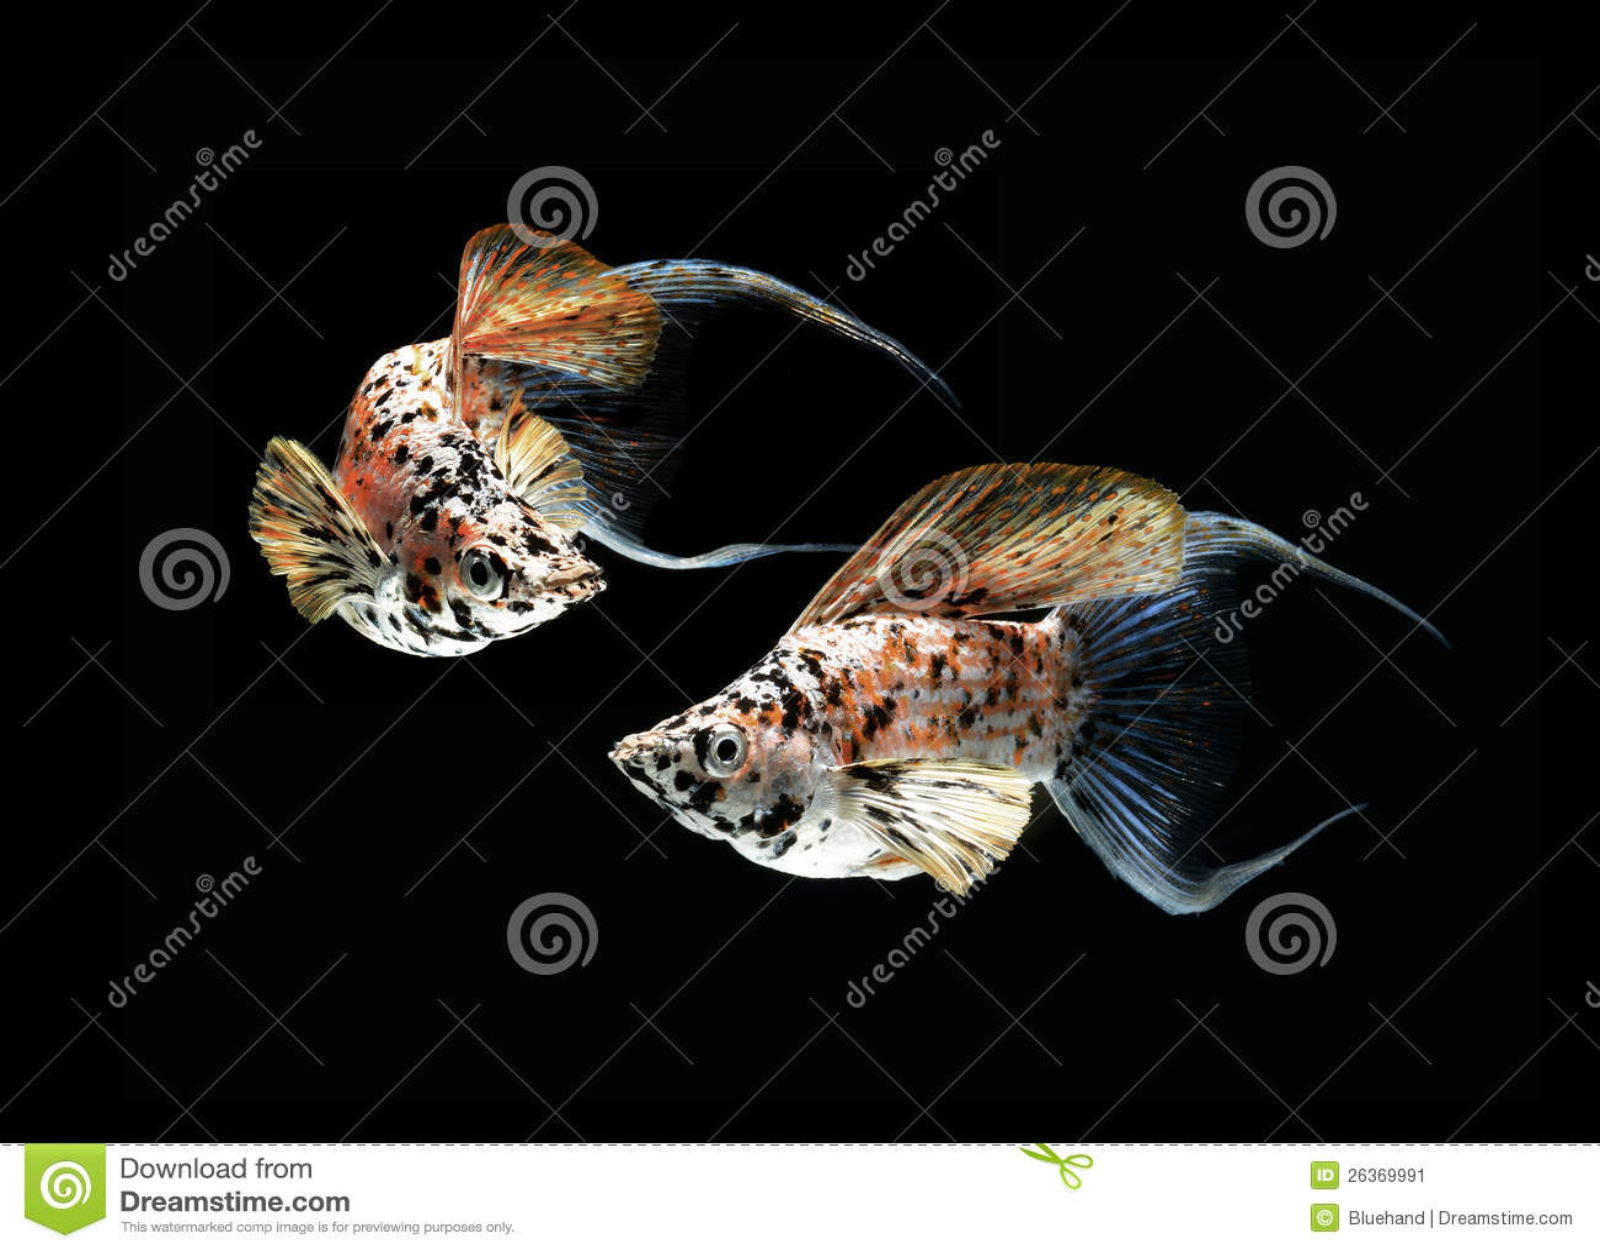 Mollyfischhalbmond angebunden auf Schwarzrückseite